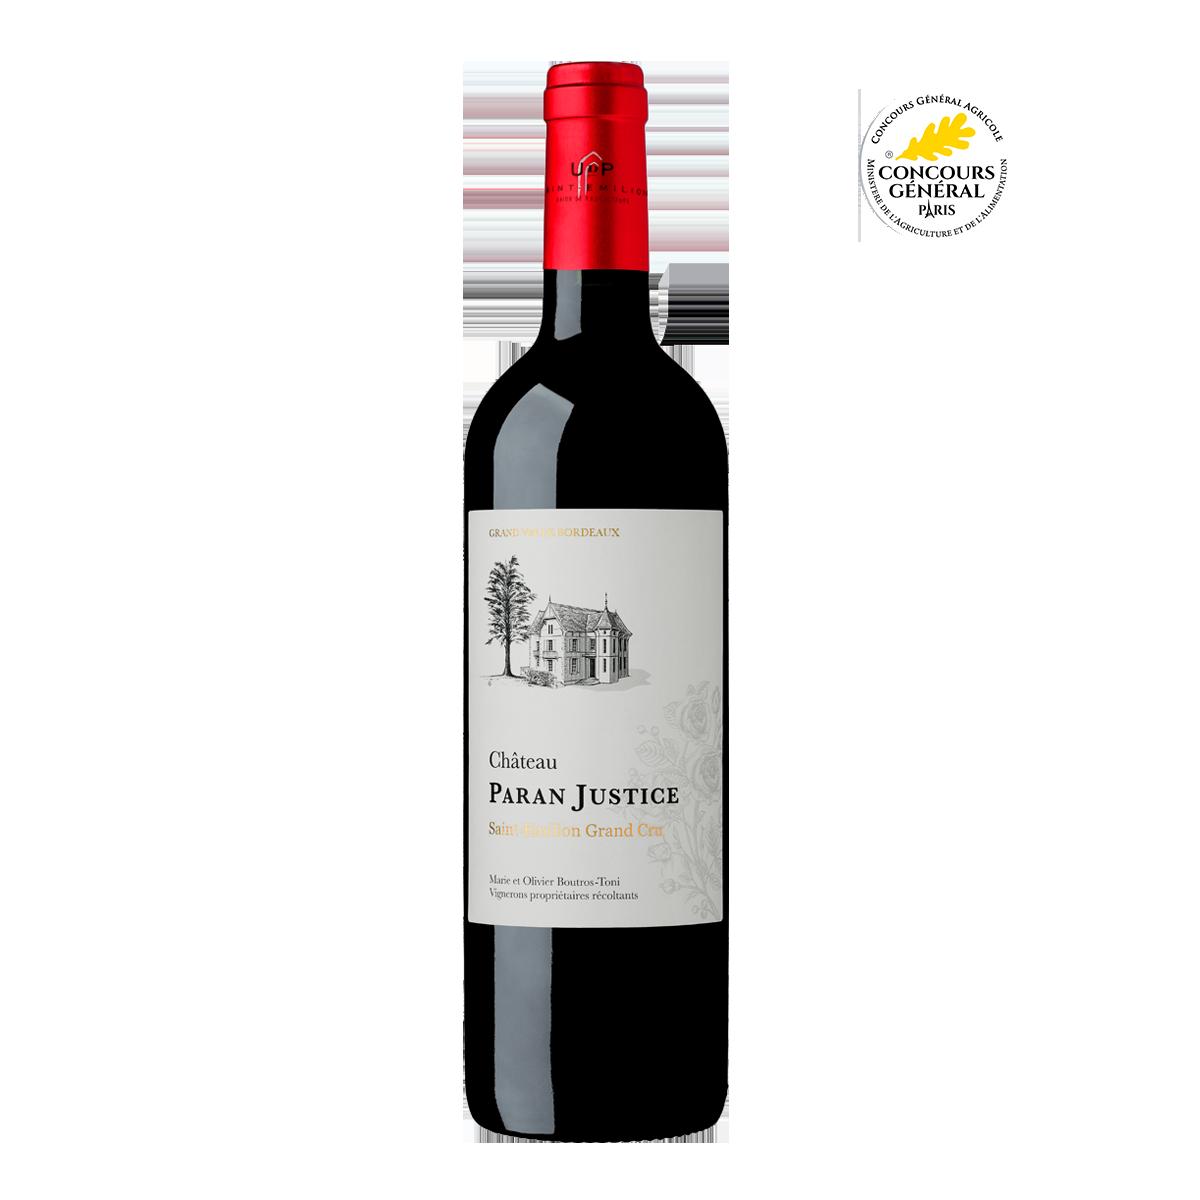 FRU1012-14 法國巴翰正義莊園特級聖愛美濃紅酒